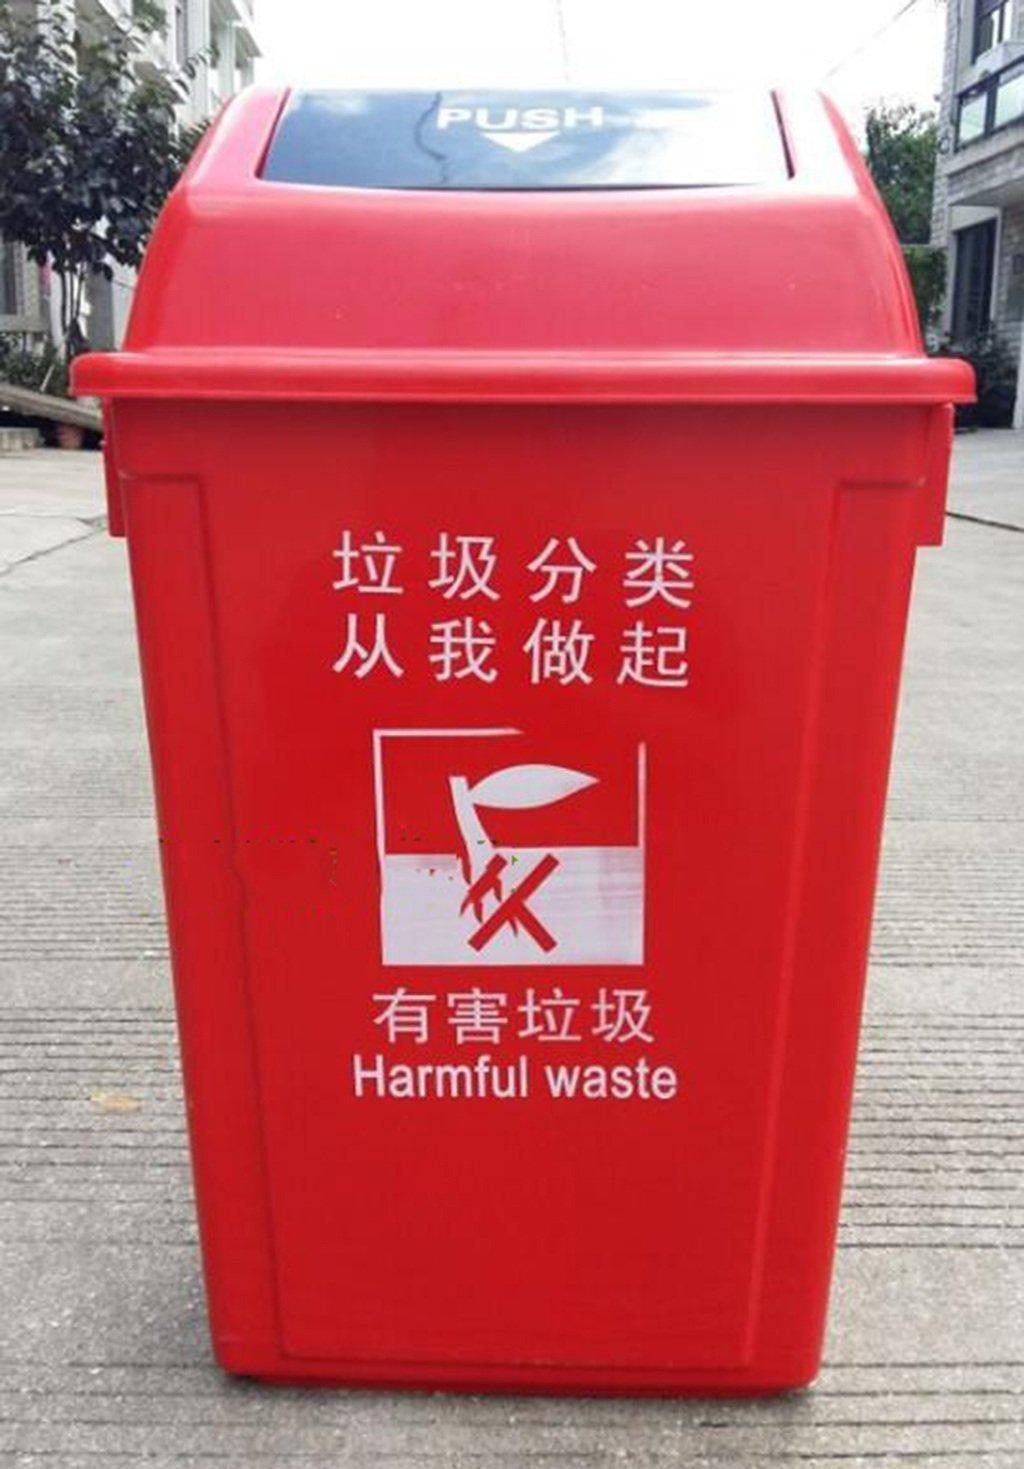 TGG 屋外のごみ箱、厚い分類プラスチックごみ箱ビジネス用具保護された衛生用のバケツリサイクル可能なゴミ箱4色のゴミ箱25-60L 清潔できちんと (色 : 赤, サイズ さいず : 25L) B07DK9KZ82 13499 25L|赤 赤 25L